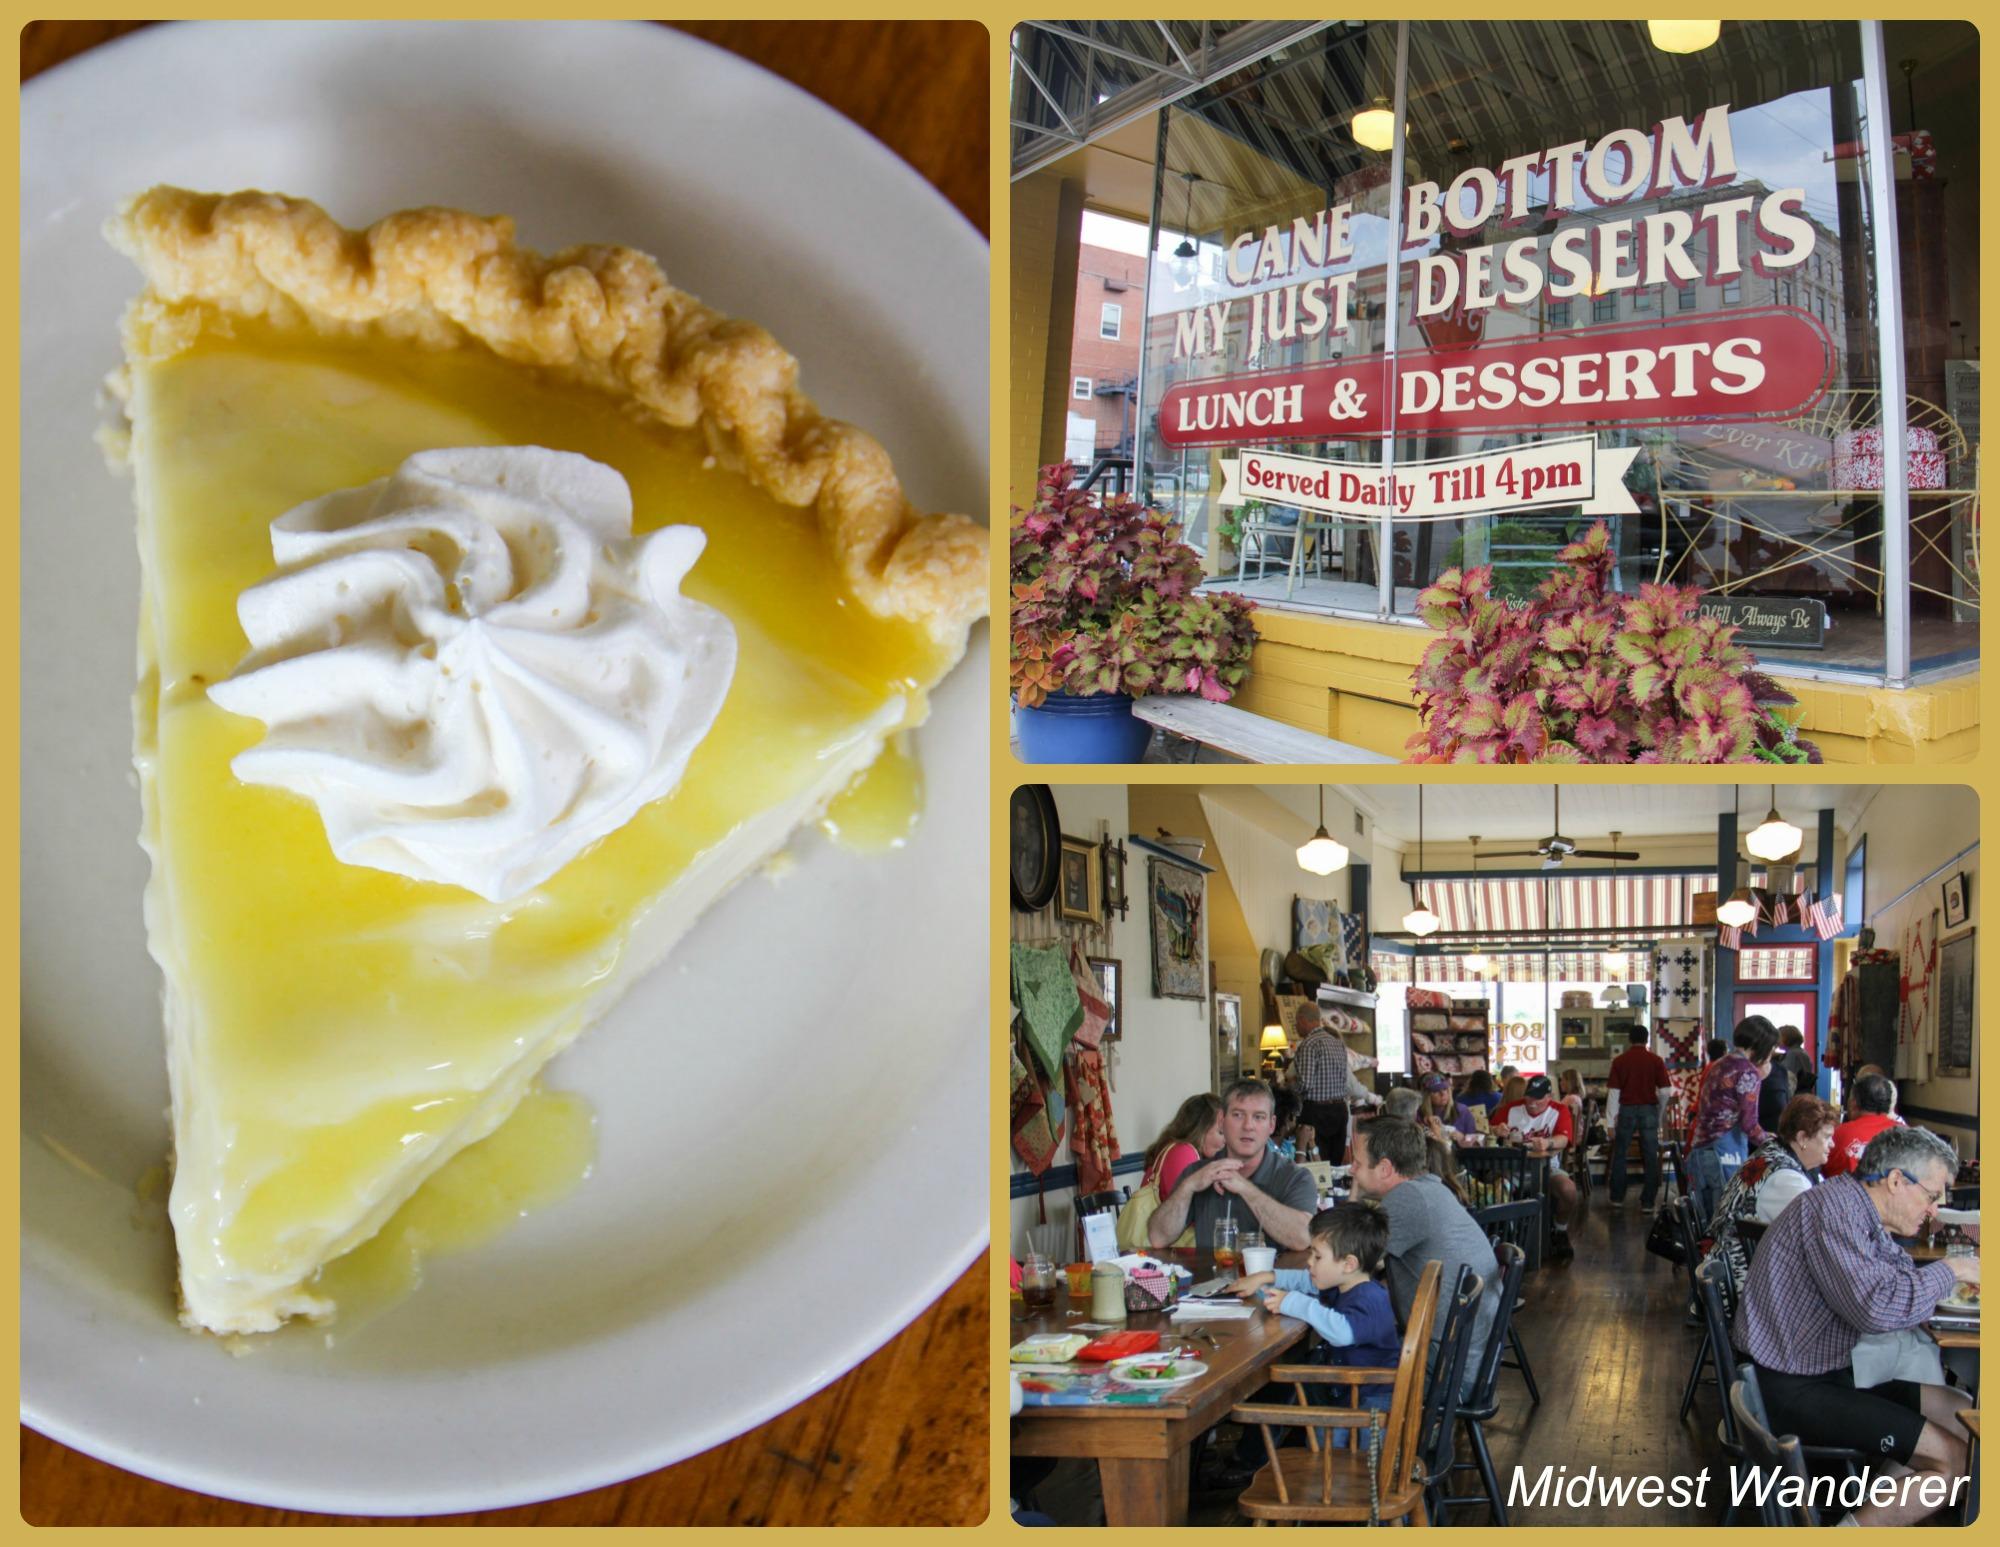 Alton Restaurants - My Just Desserts